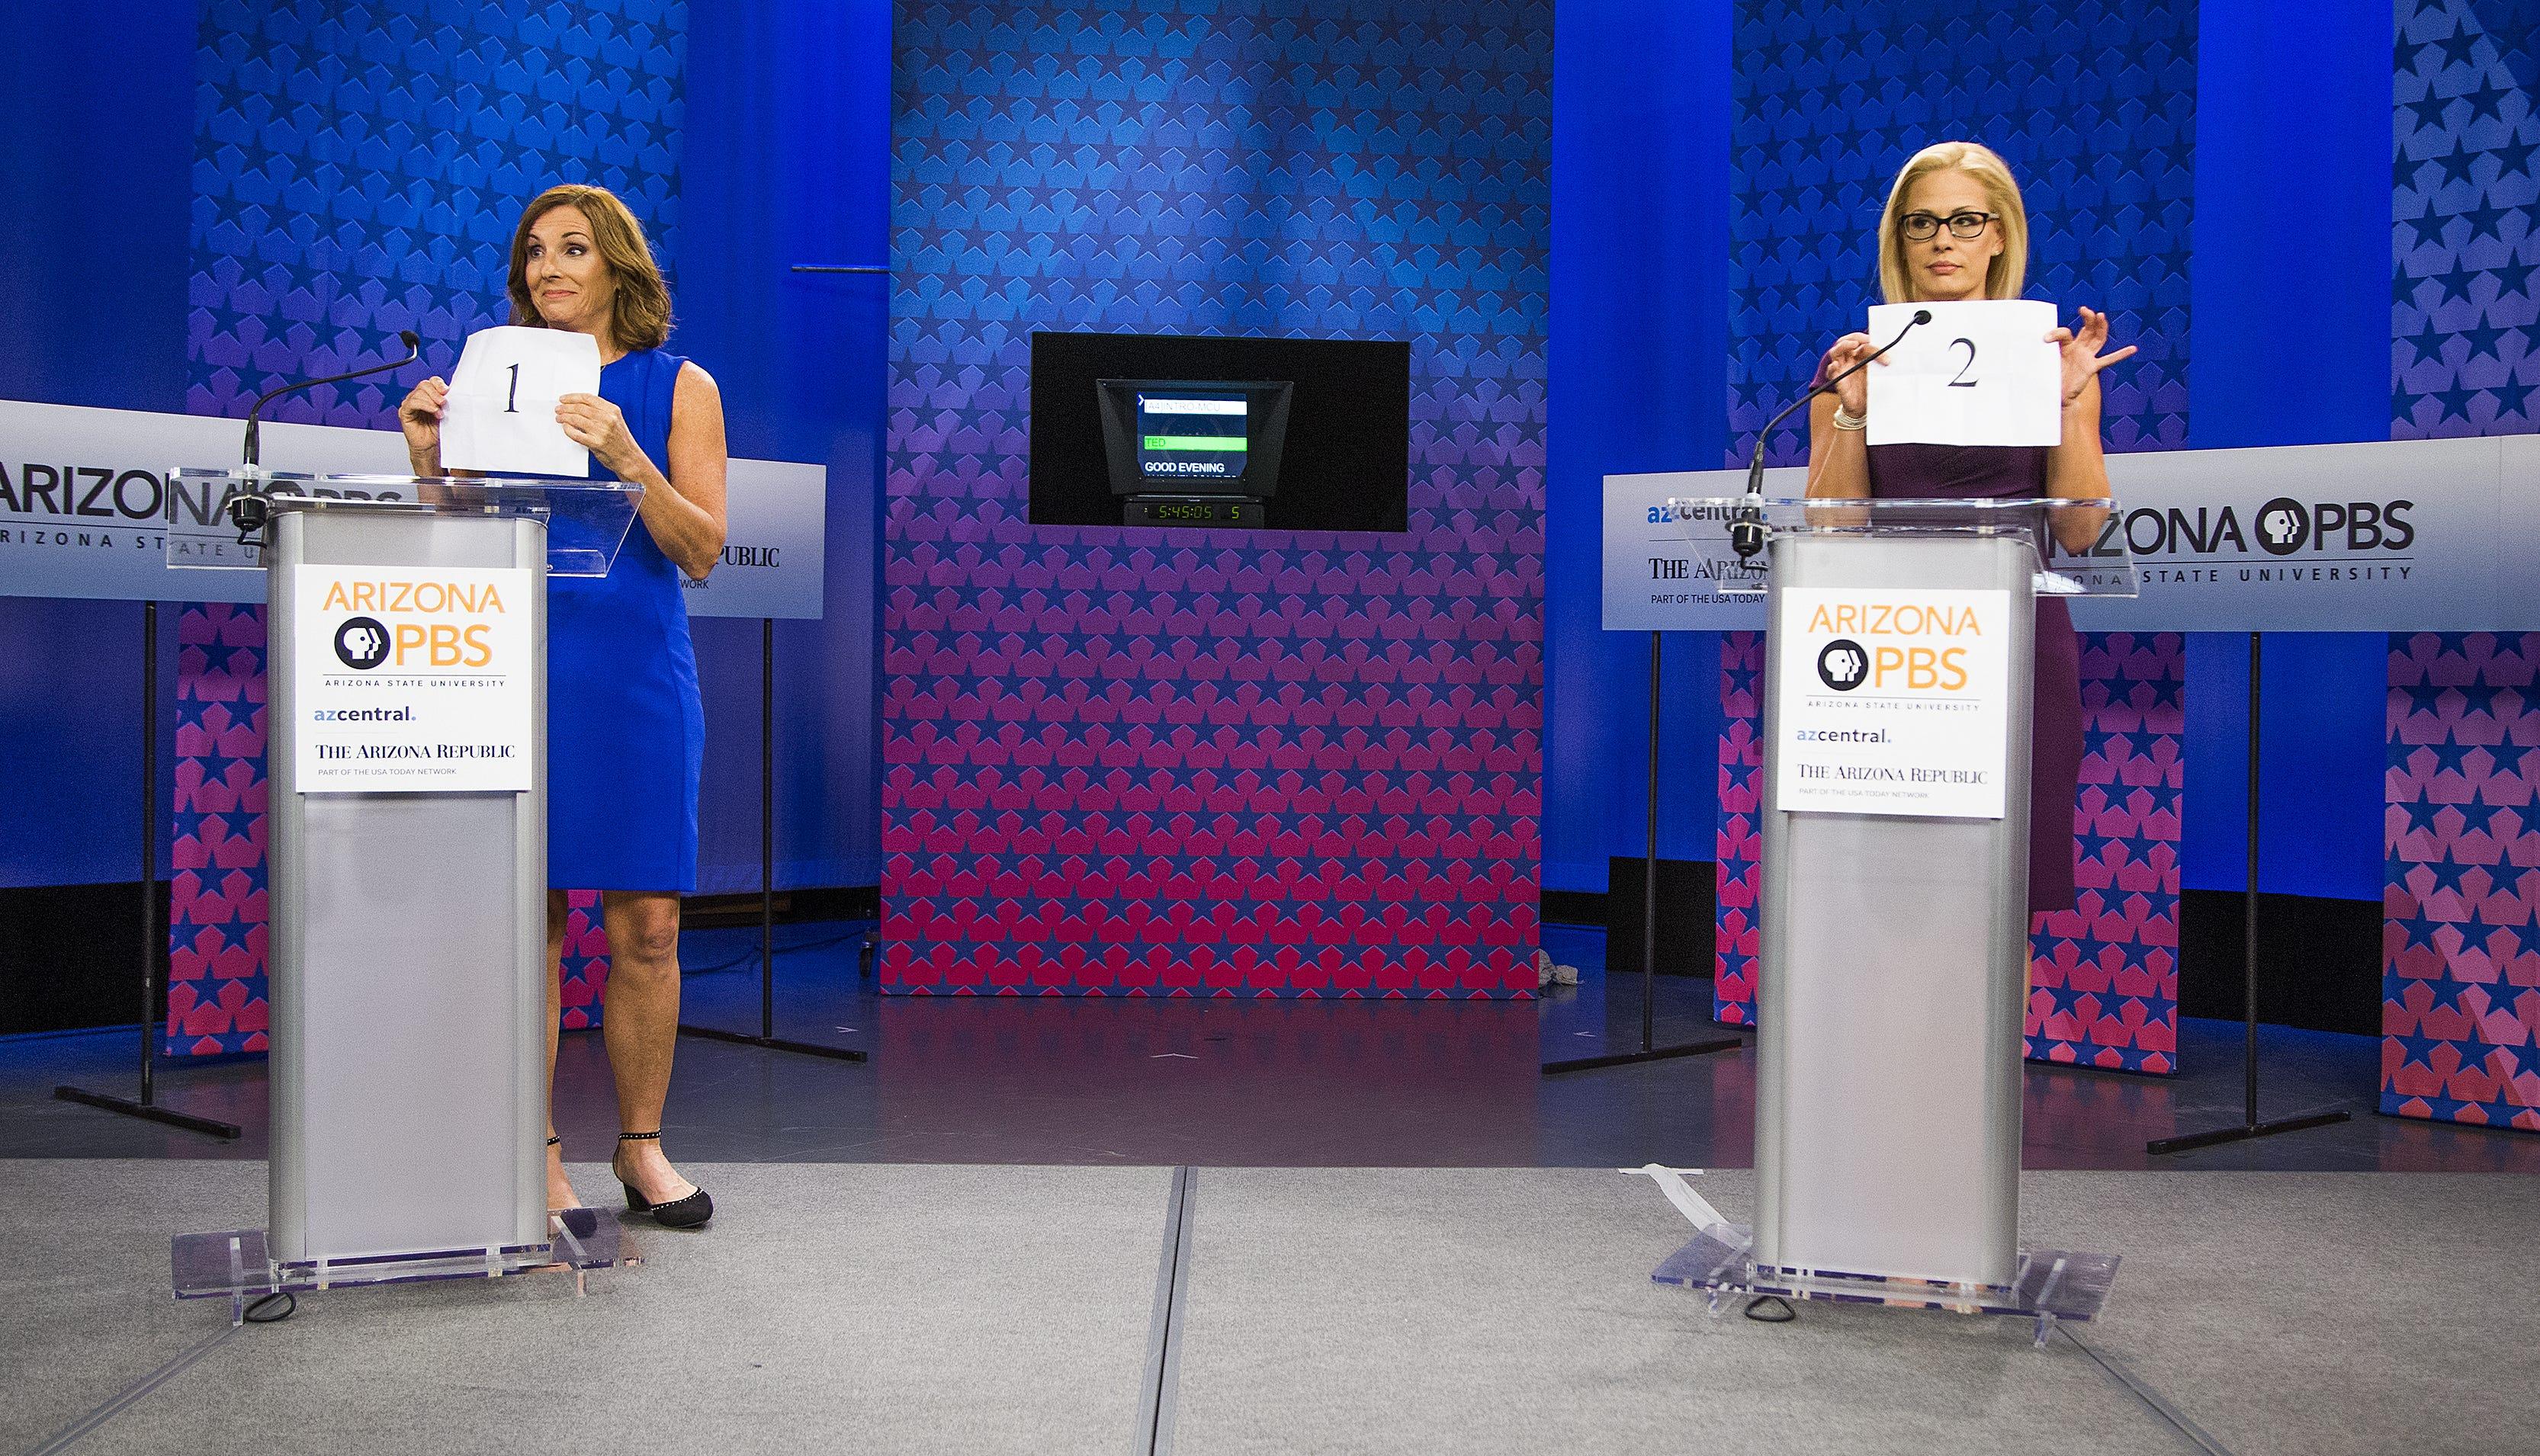 Kyrsten Sinema, Martha McSally square off over health care, immigration in Senate debate